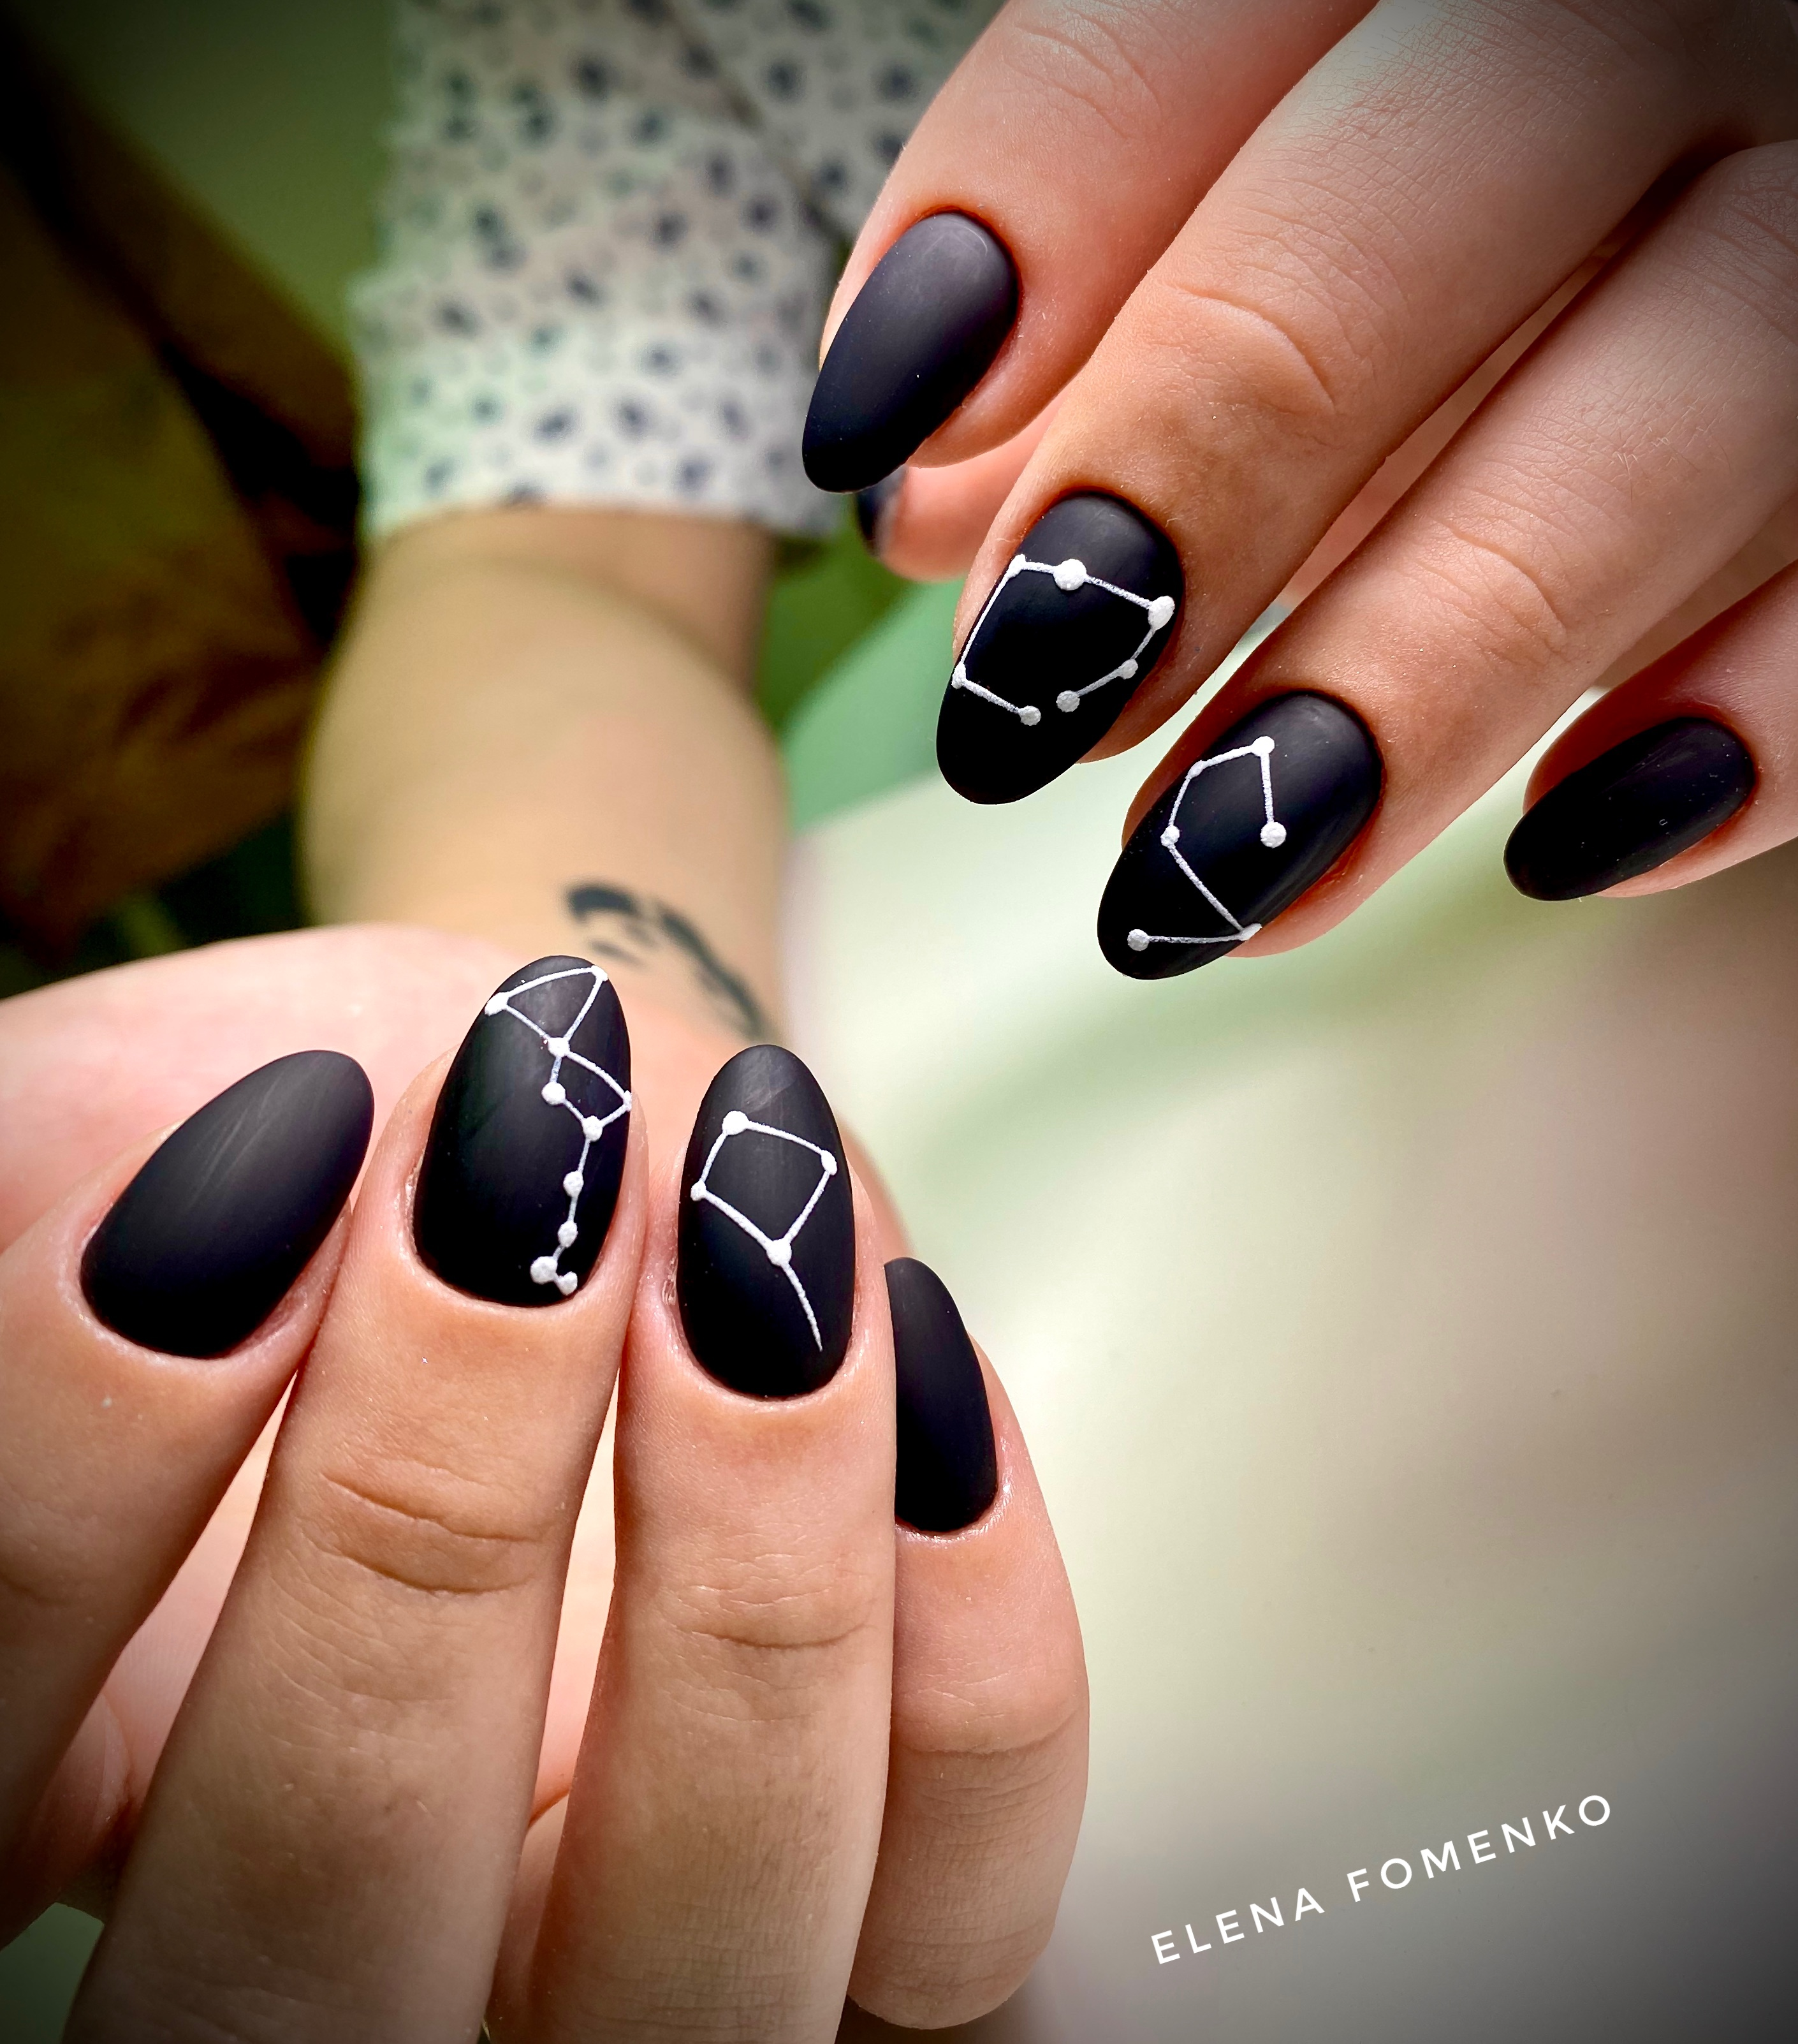 Матовый маникюр с созвездиями в черном цвете.